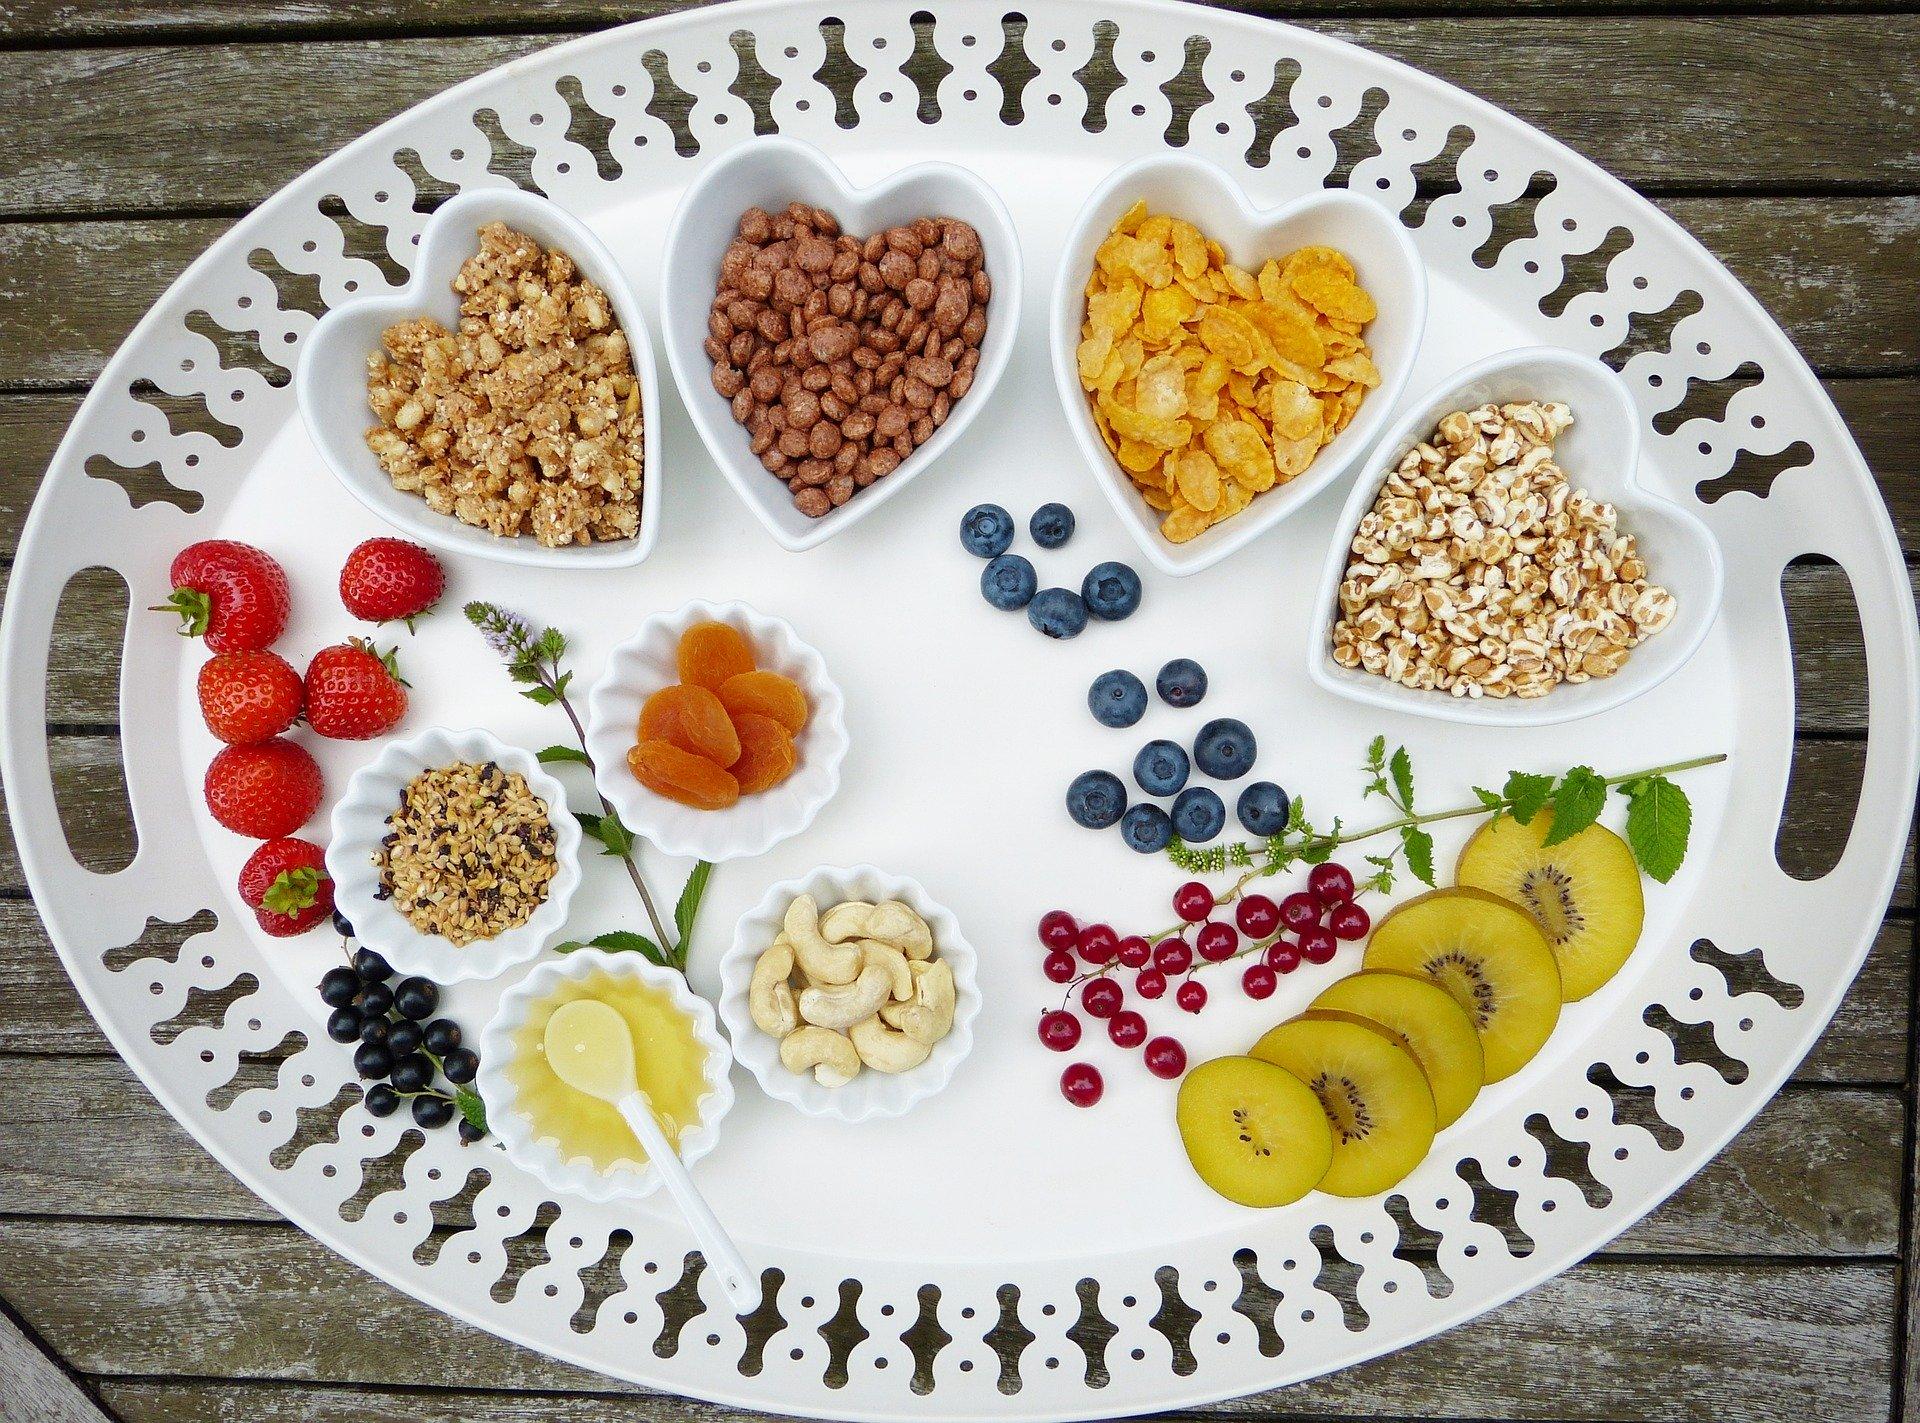 Podaż węglowodanów w diecie sportowca